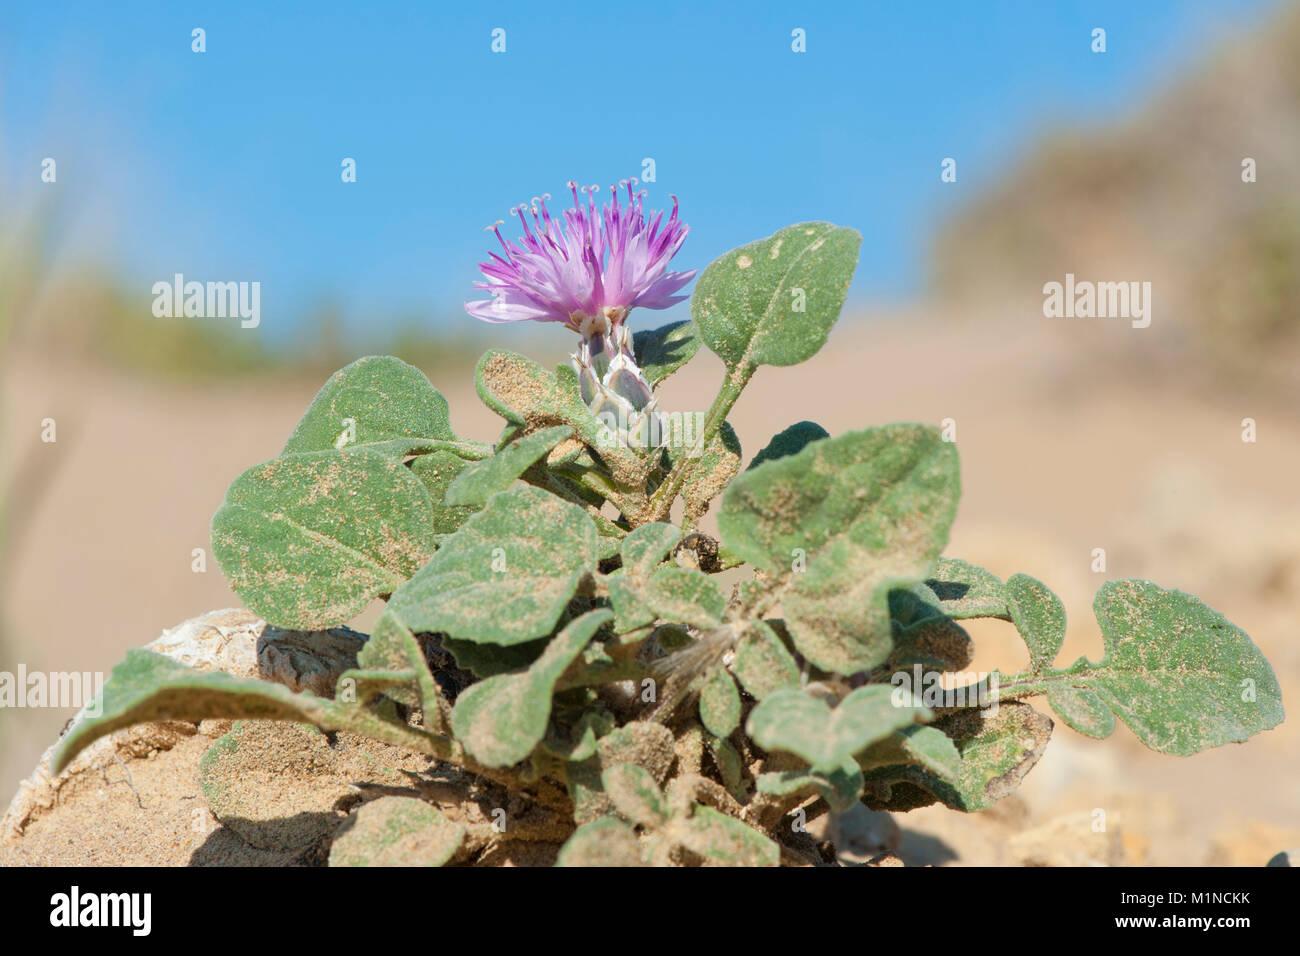 Centaurea aegialophila,Kuesten-Flockenblume,Coastloving Knapweed - Stock Image